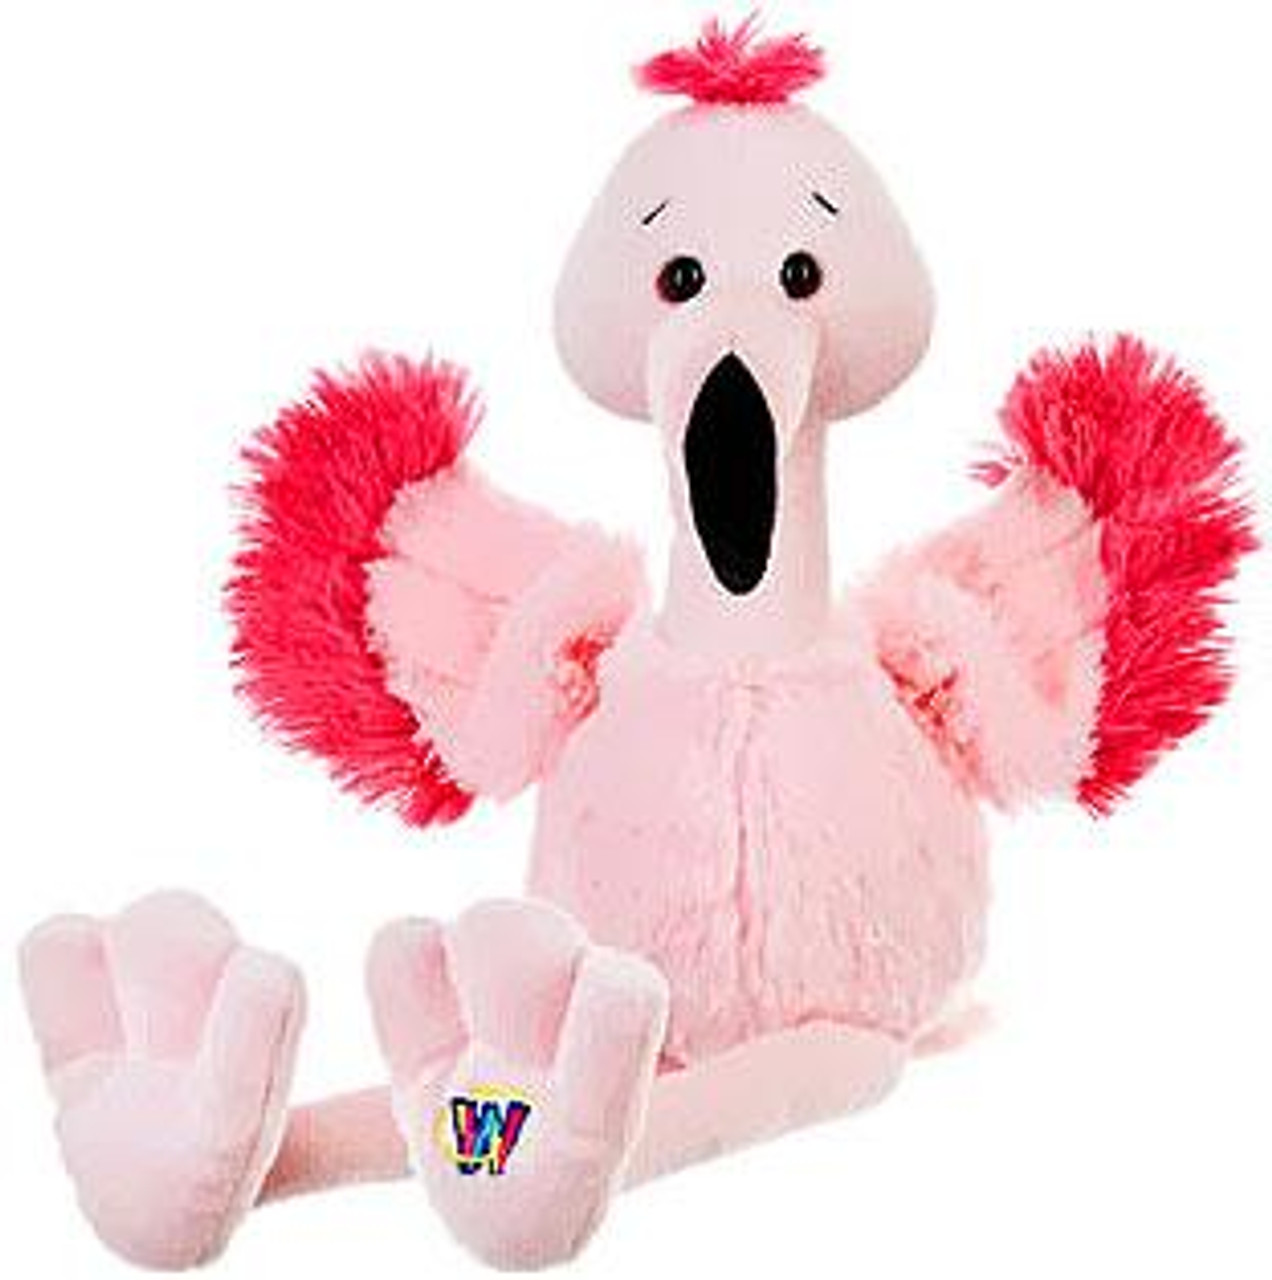 Webkinz Fancy Flamingo Plush